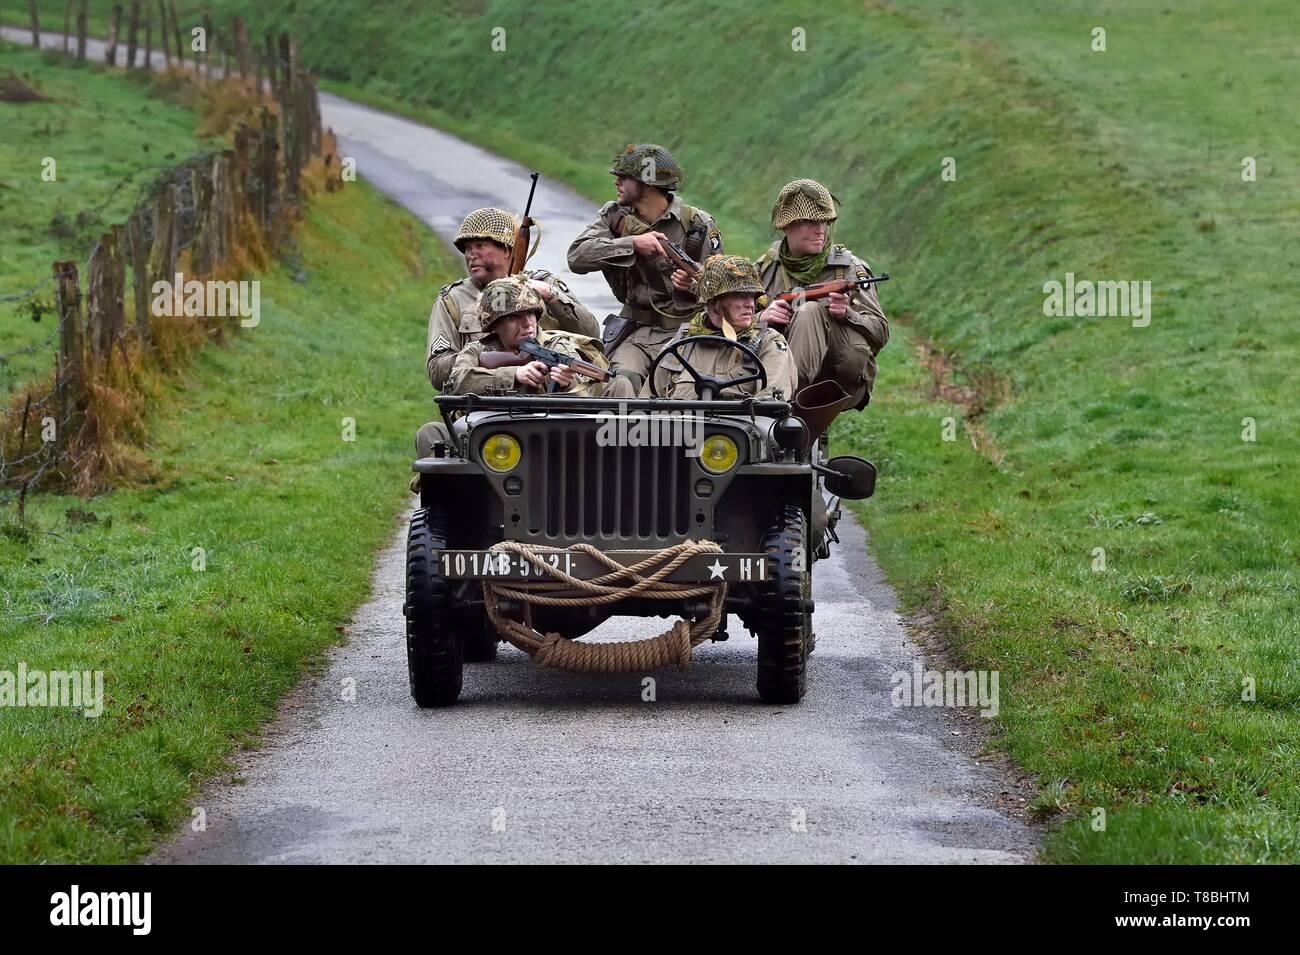 La France, l'Eure, Sainte Colombe prÚs Vernon, Allied Reconstitution Group (US World War 2 Maquis français et la reconstruction historique Association), de l'histoire en uniforme de la 101st US Airborne Division progresse dans une Jeep Willys Banque D'Images